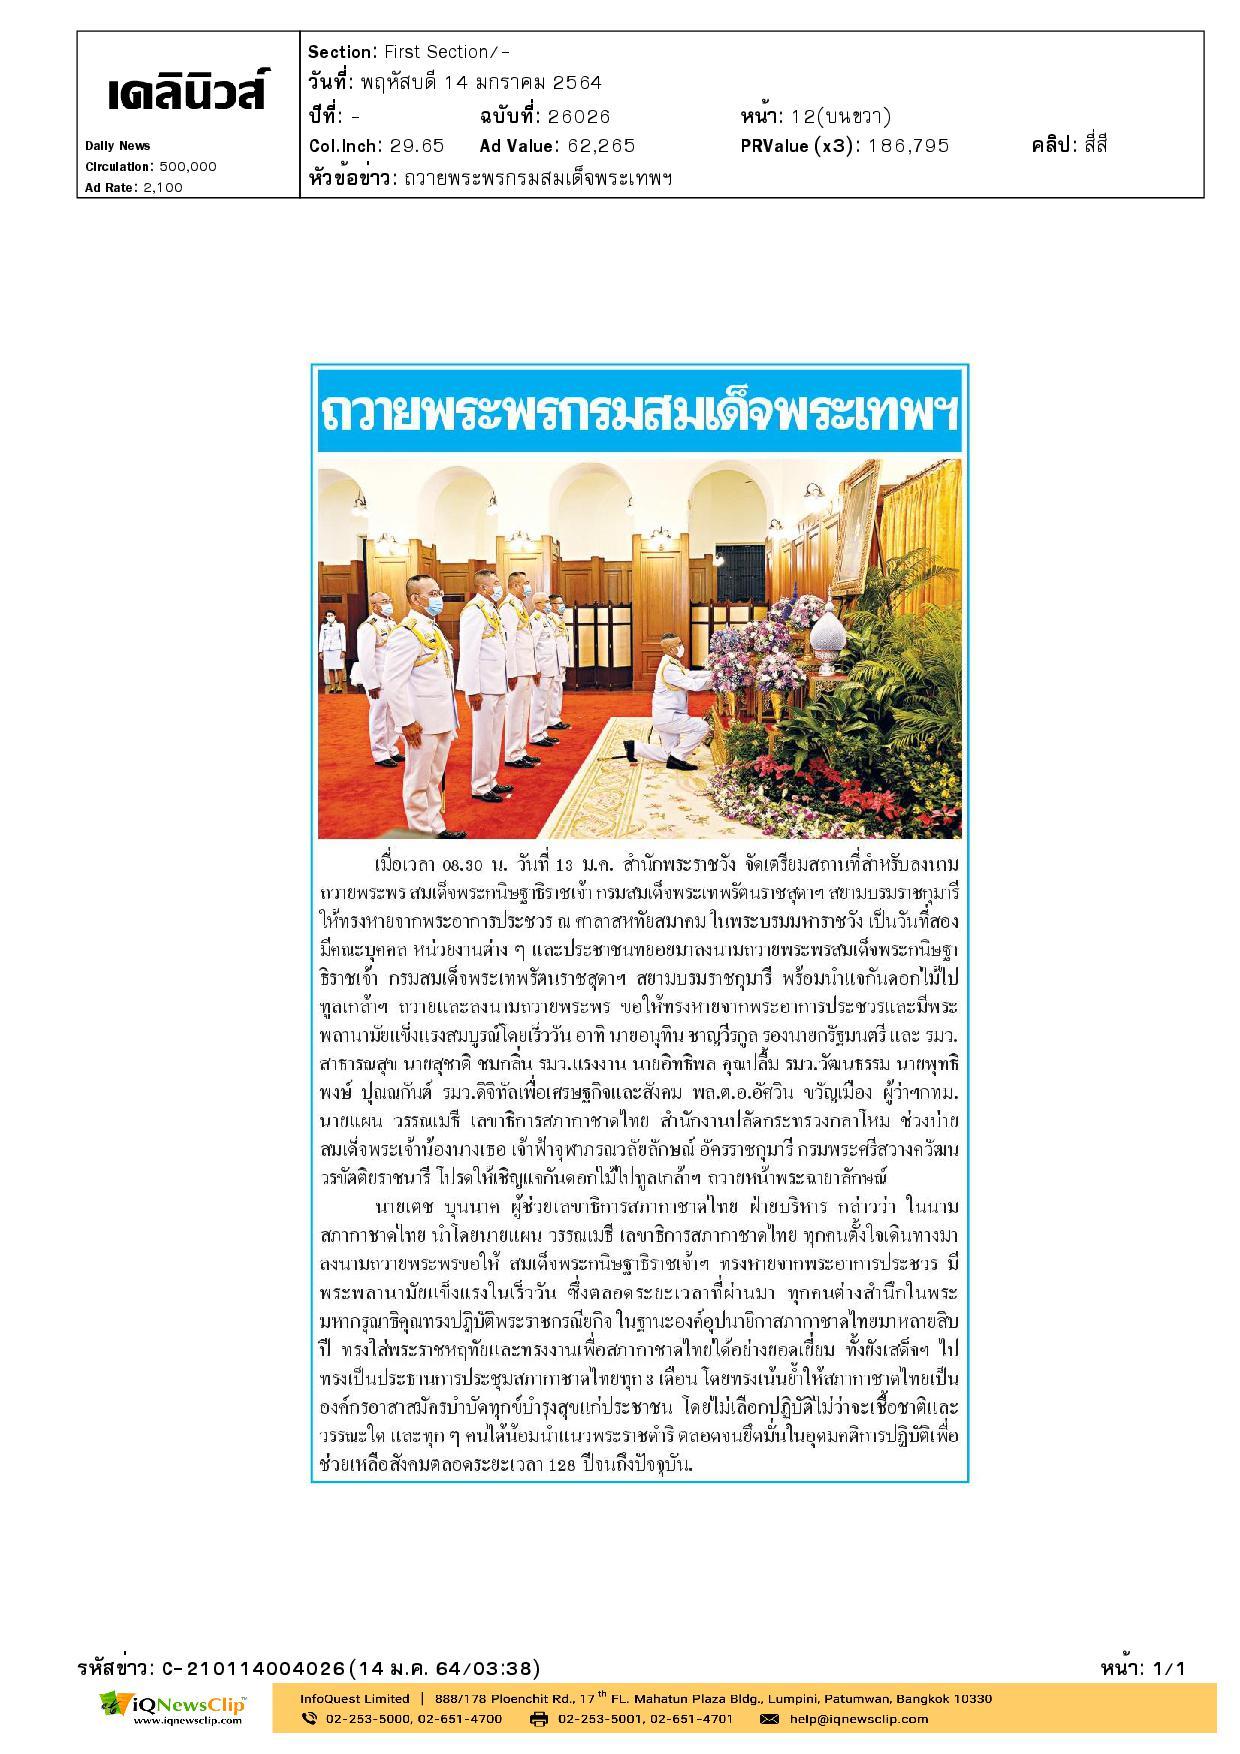 ลงนามถวายพระพร สมเด็จพระกนิษฐาธิราชเจ้า กรมสมเด็จพระเทพรัตนราชสุดาฯ สยามบรมราชกุมารี